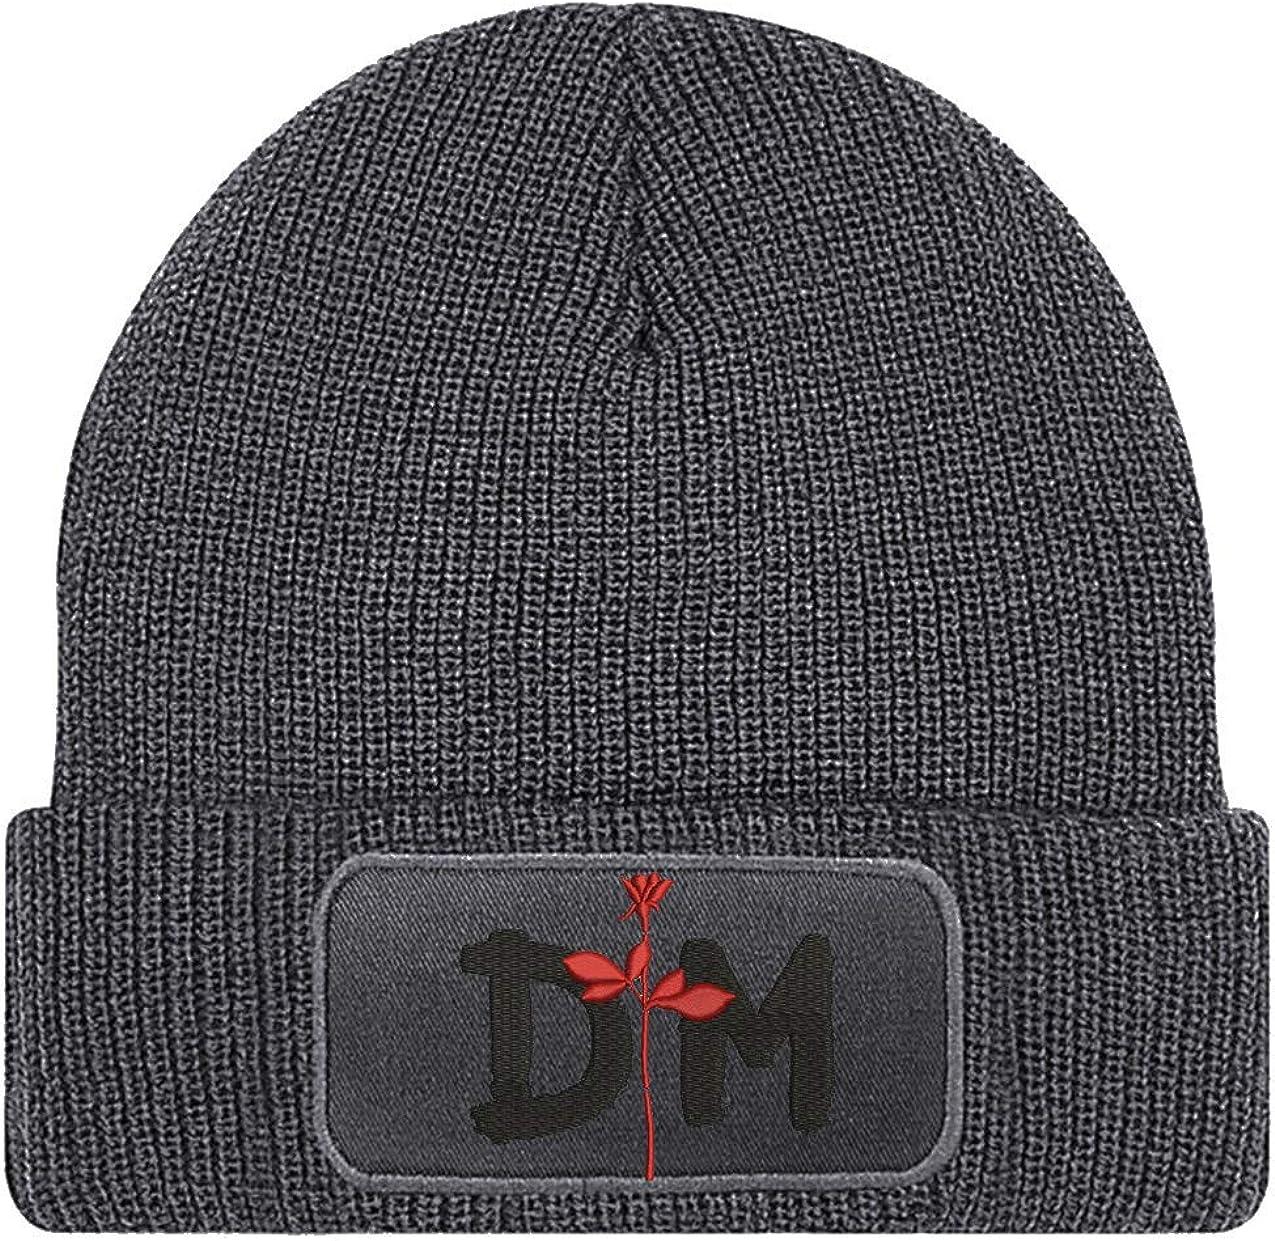 Bordado de punto con logo bordado de la marca Depeche Mode Synthie color gris caprica91